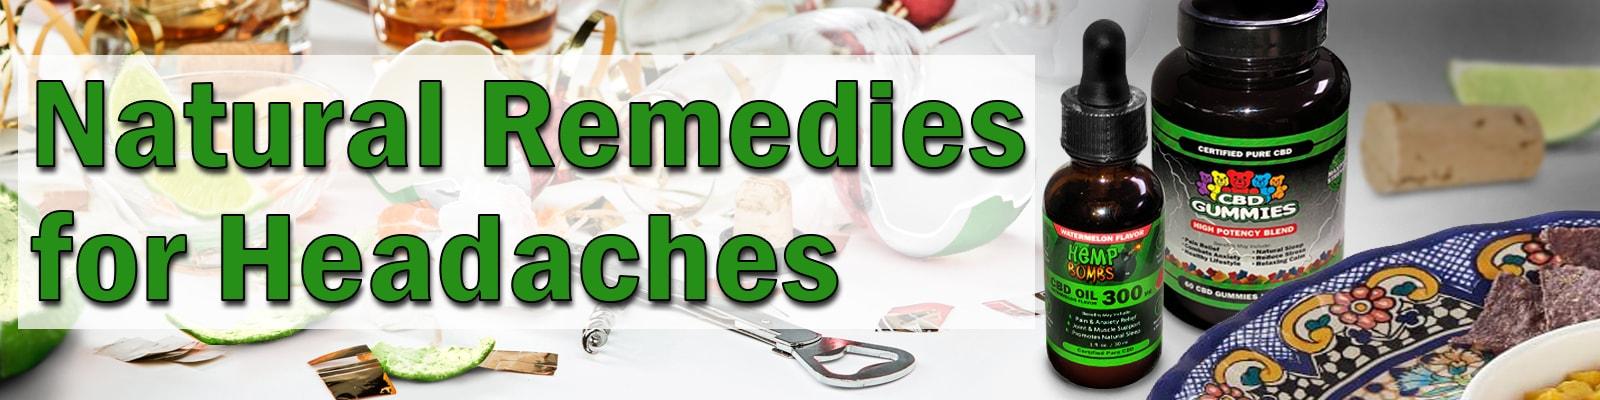 Natural Remedies for Headaches Using CBD